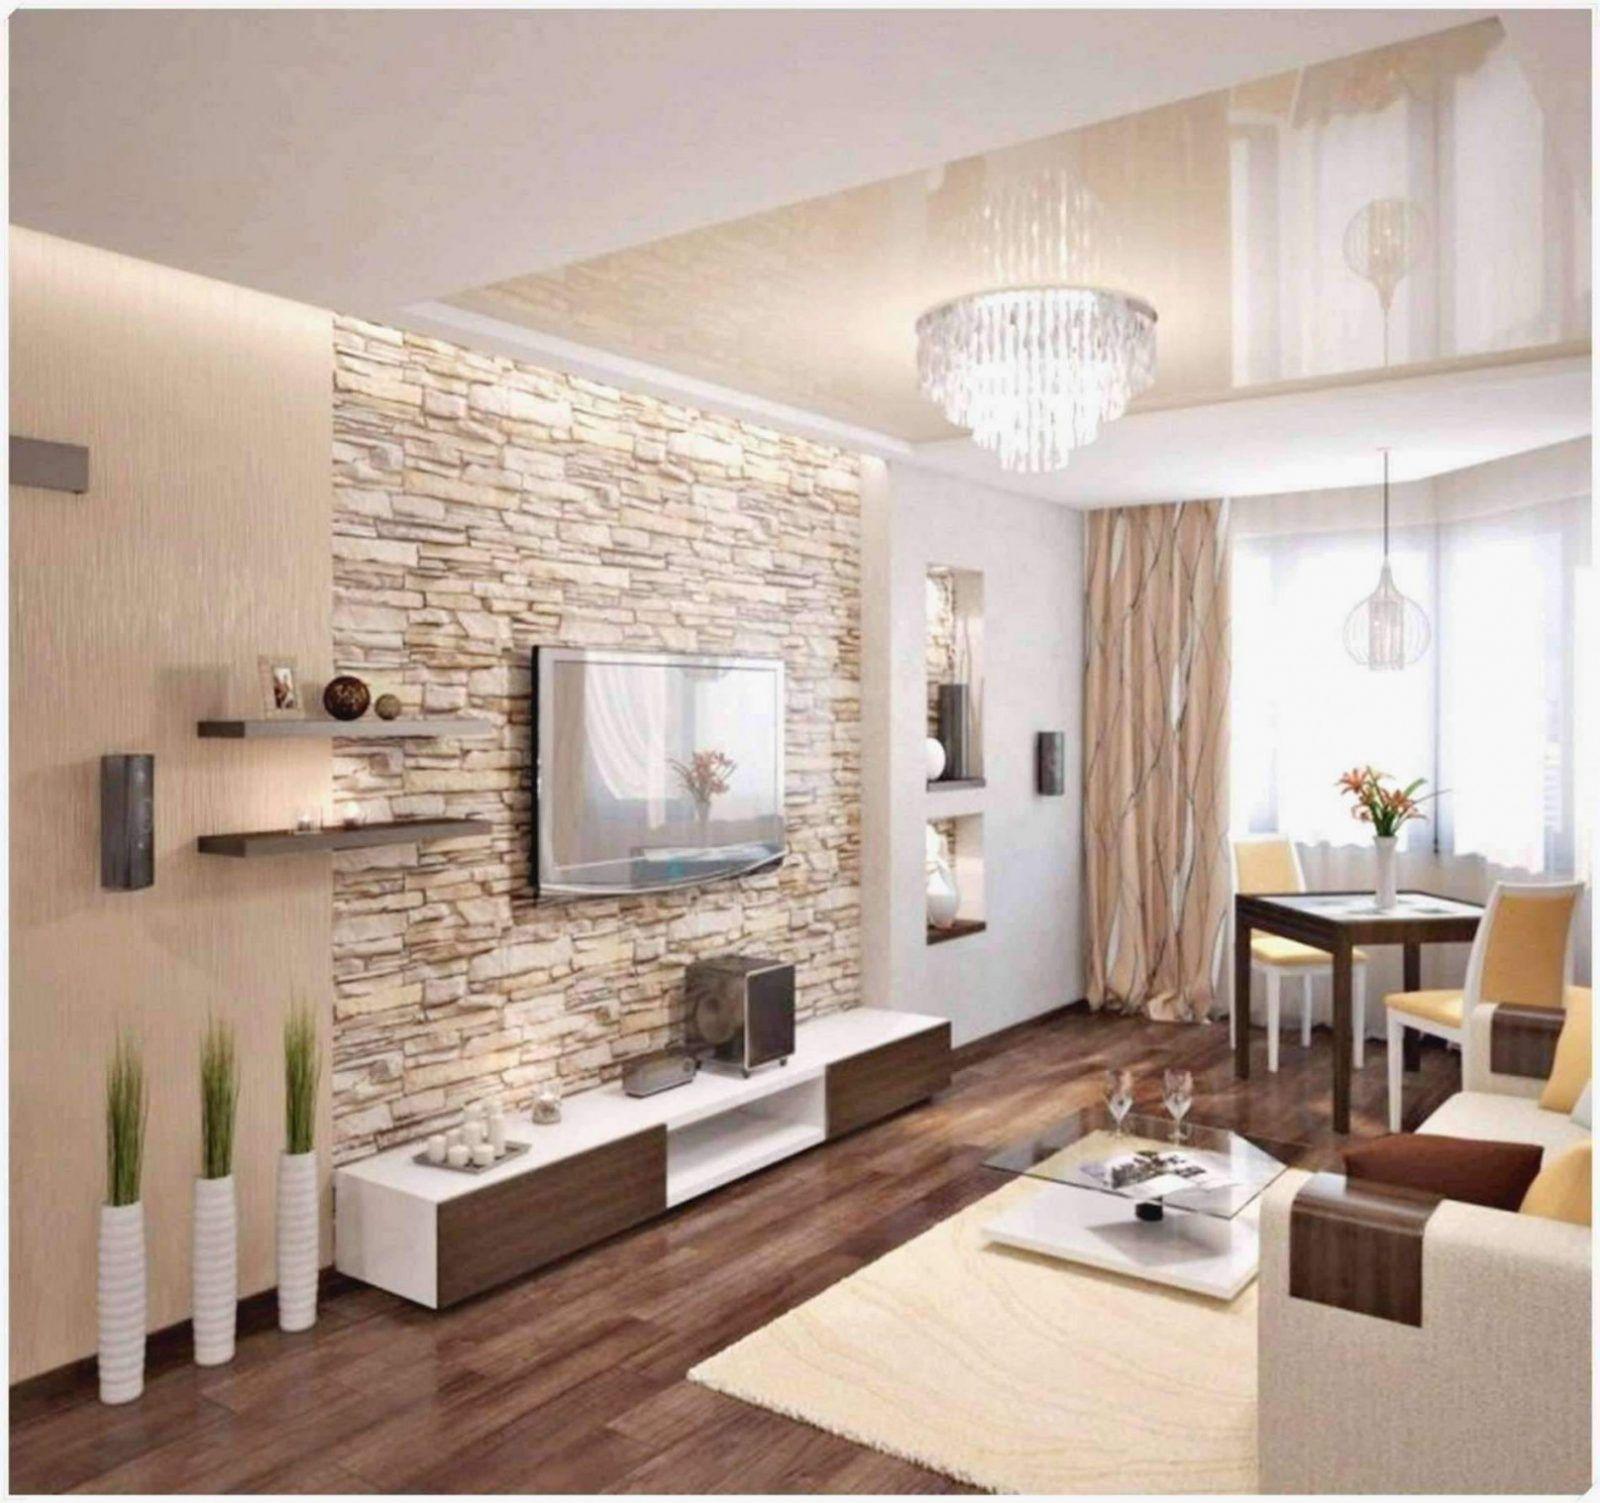 Deko Wand Wohnzimmer Frisch Luxury Dekoration Wohnzimmer von